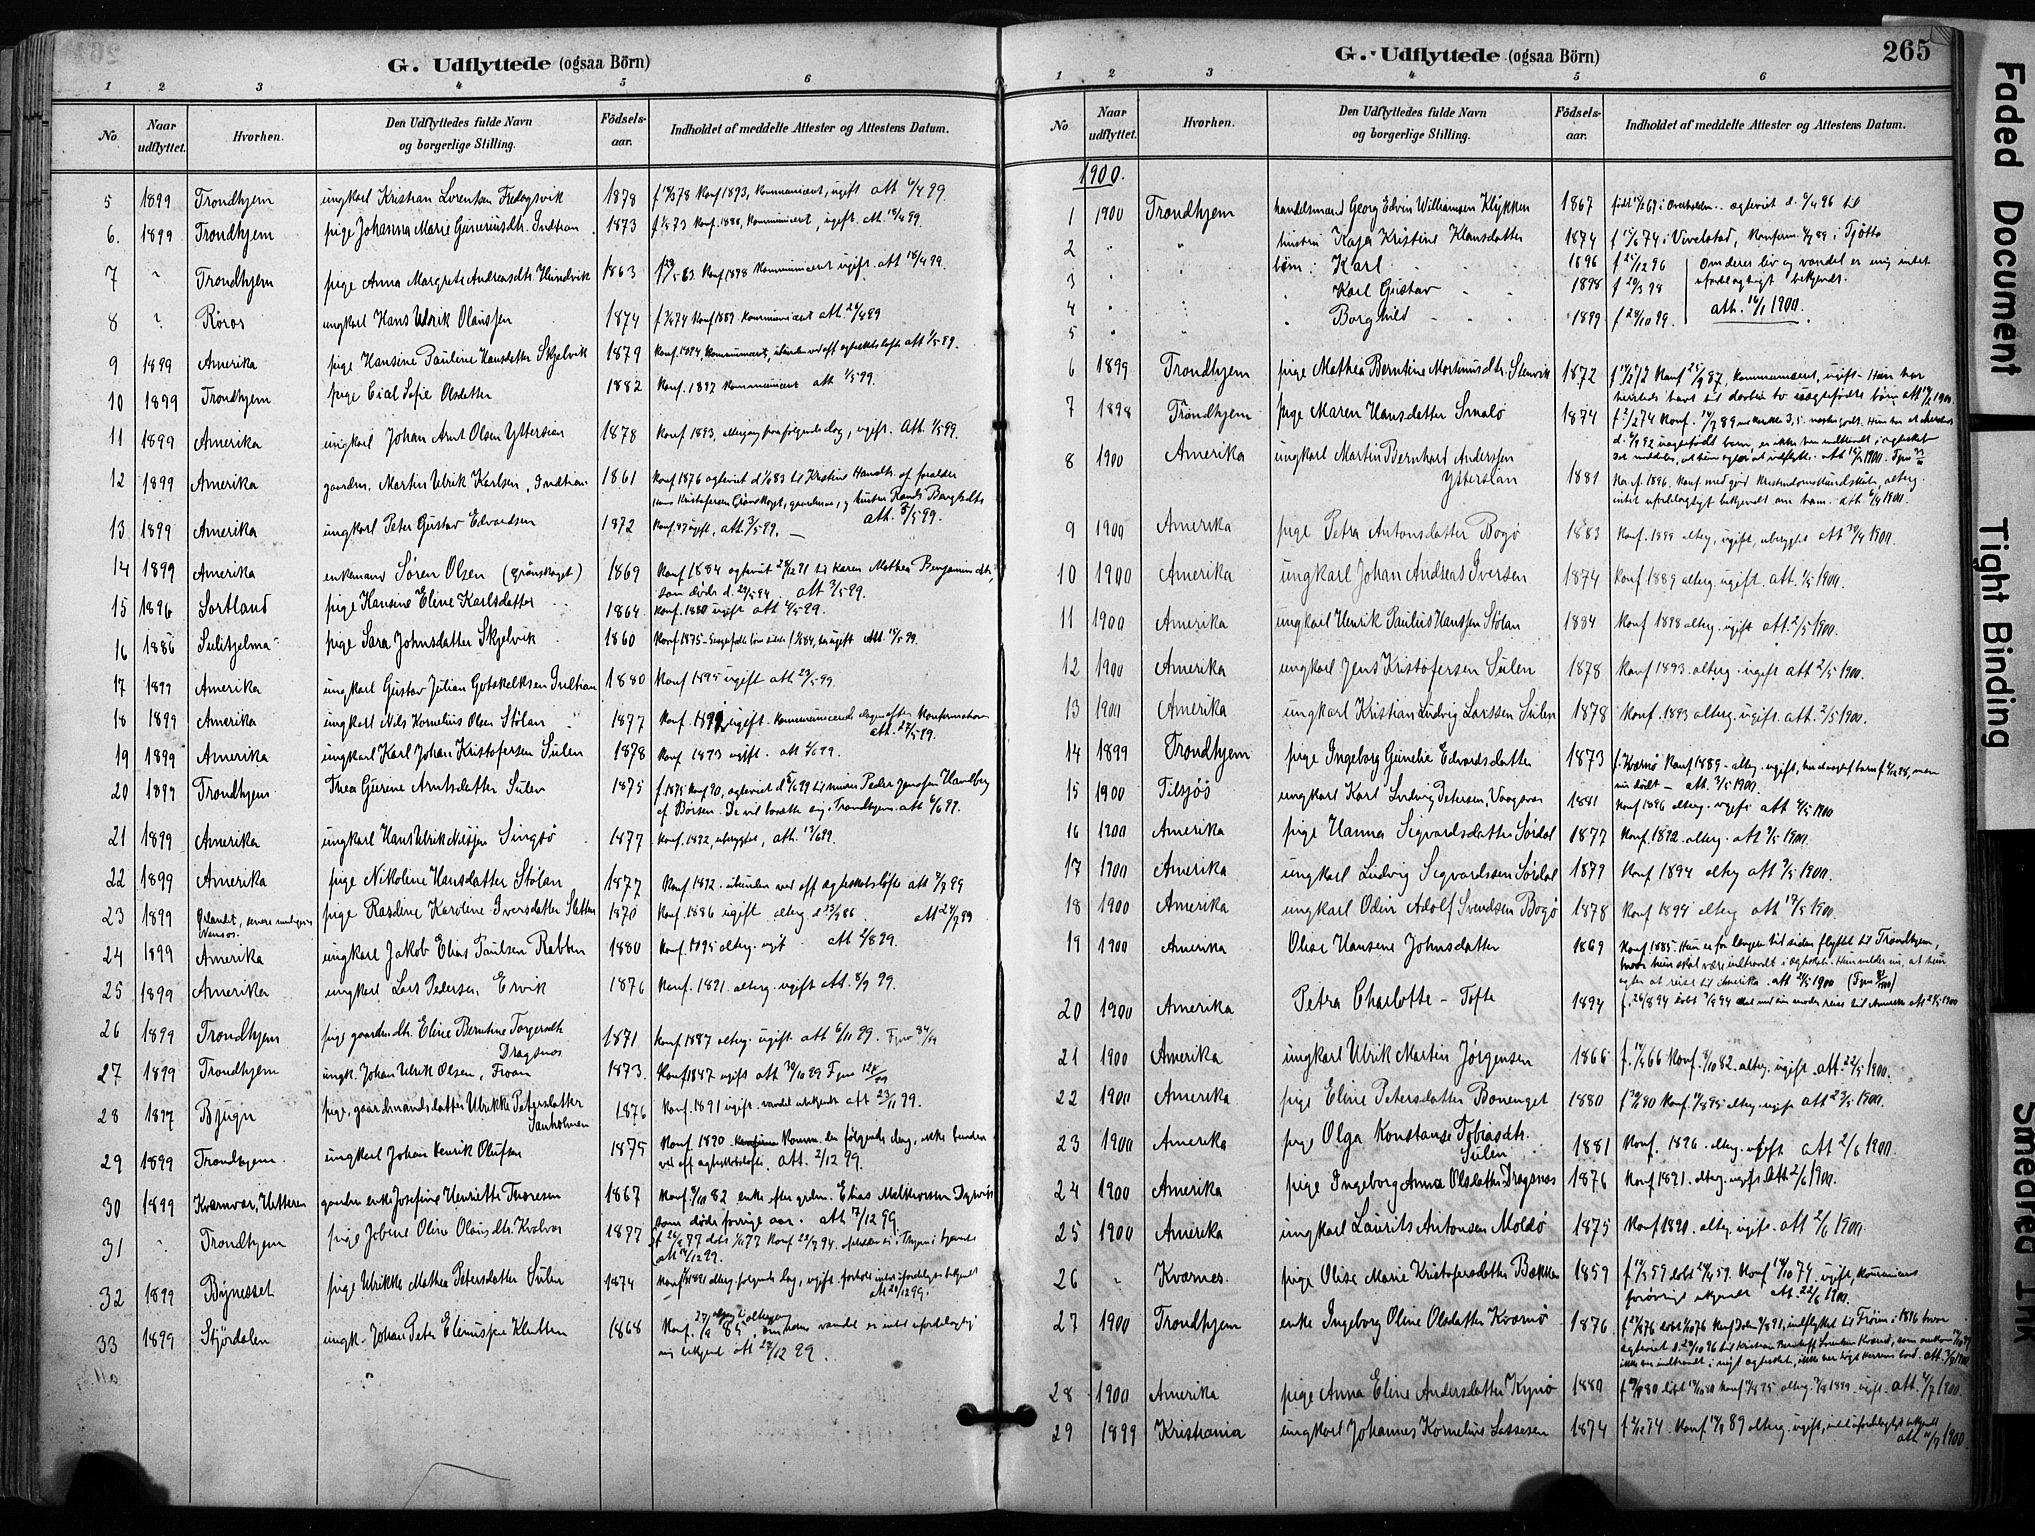 SAT, Ministerialprotokoller, klokkerbøker og fødselsregistre - Sør-Trøndelag, 640/L0579: Ministerialbok nr. 640A04, 1889-1902, s. 265